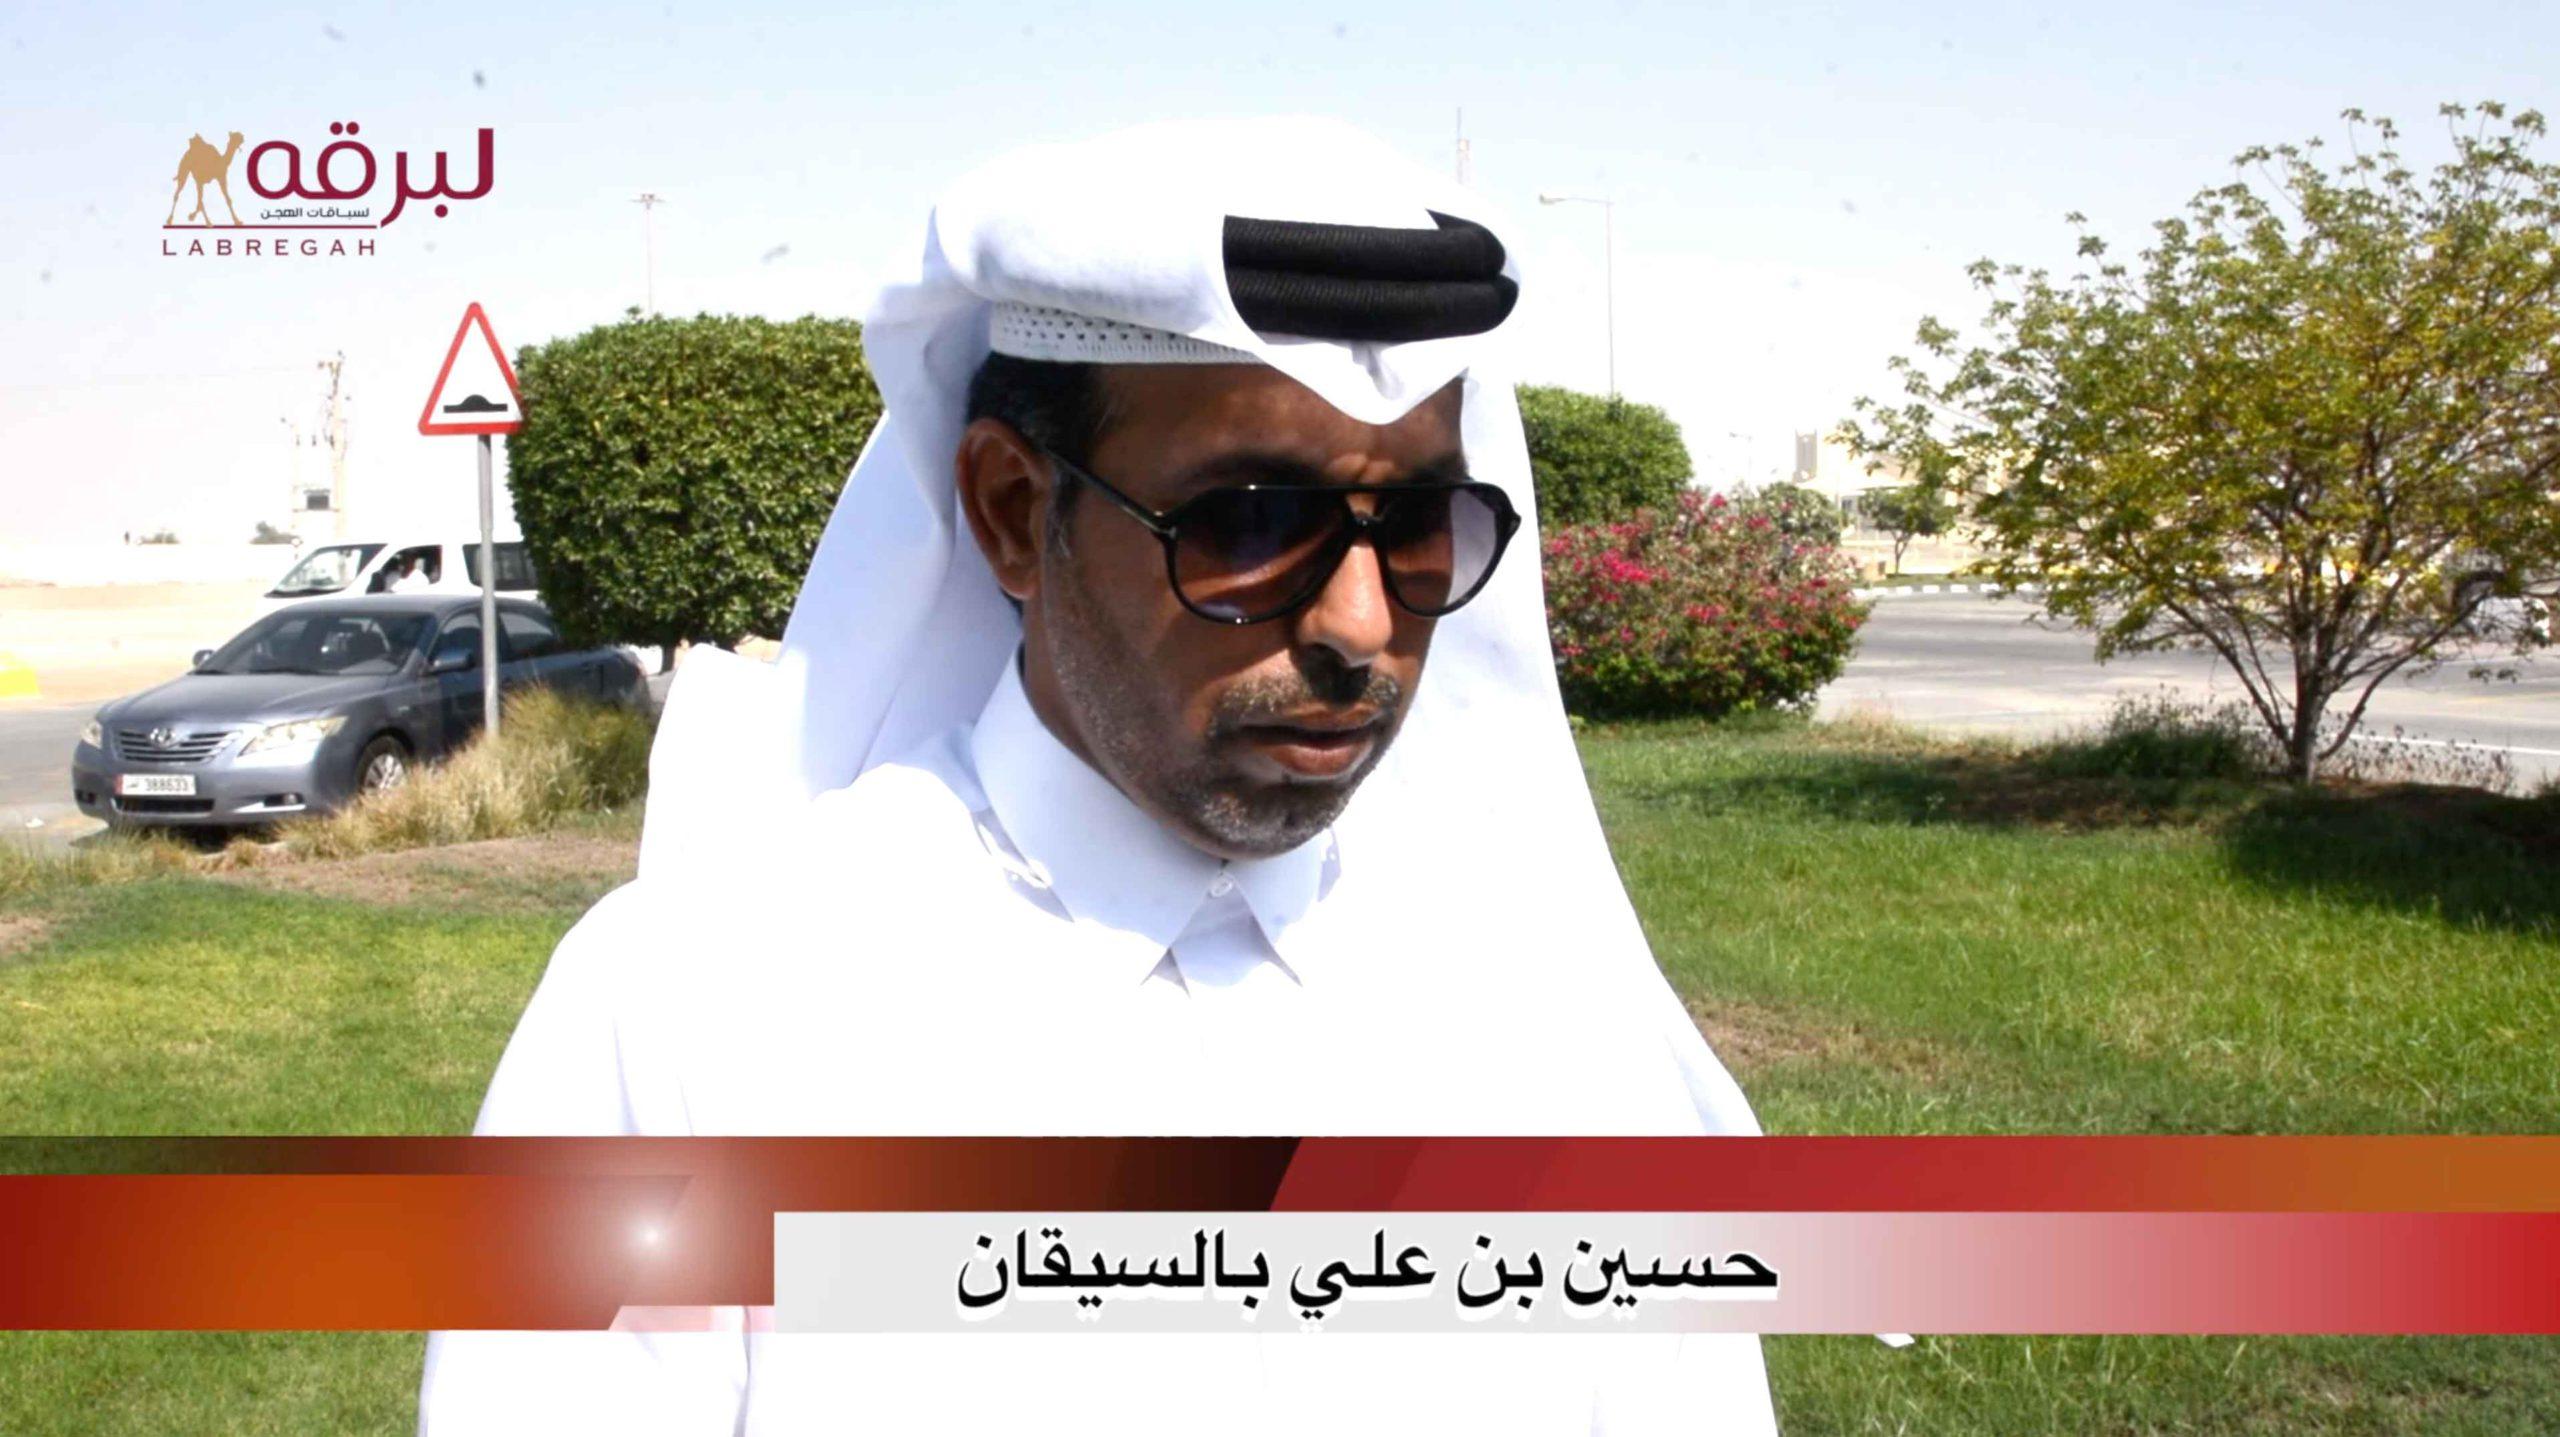 لقاء مع حسين بن علي بالسيقان.. الشوط الرئيسي للجذاع بكار مفتوح الأشواط العامة ٢٣-٩-٢٠٢٠